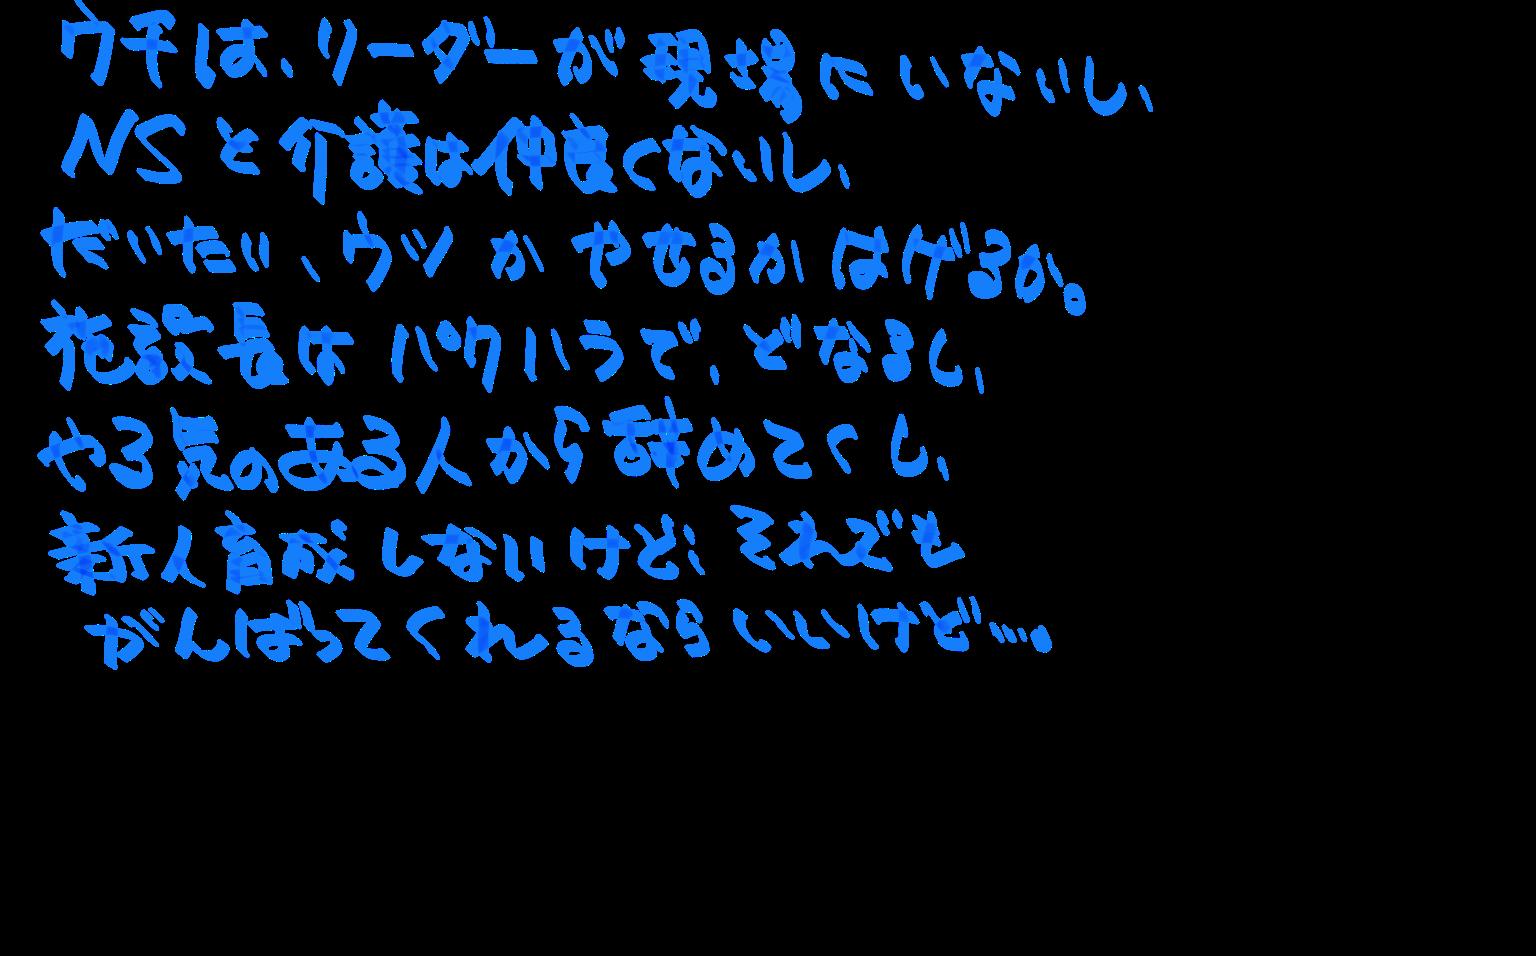 E8FDF3DB-CD94-4D42-9748-E40E320D83BA